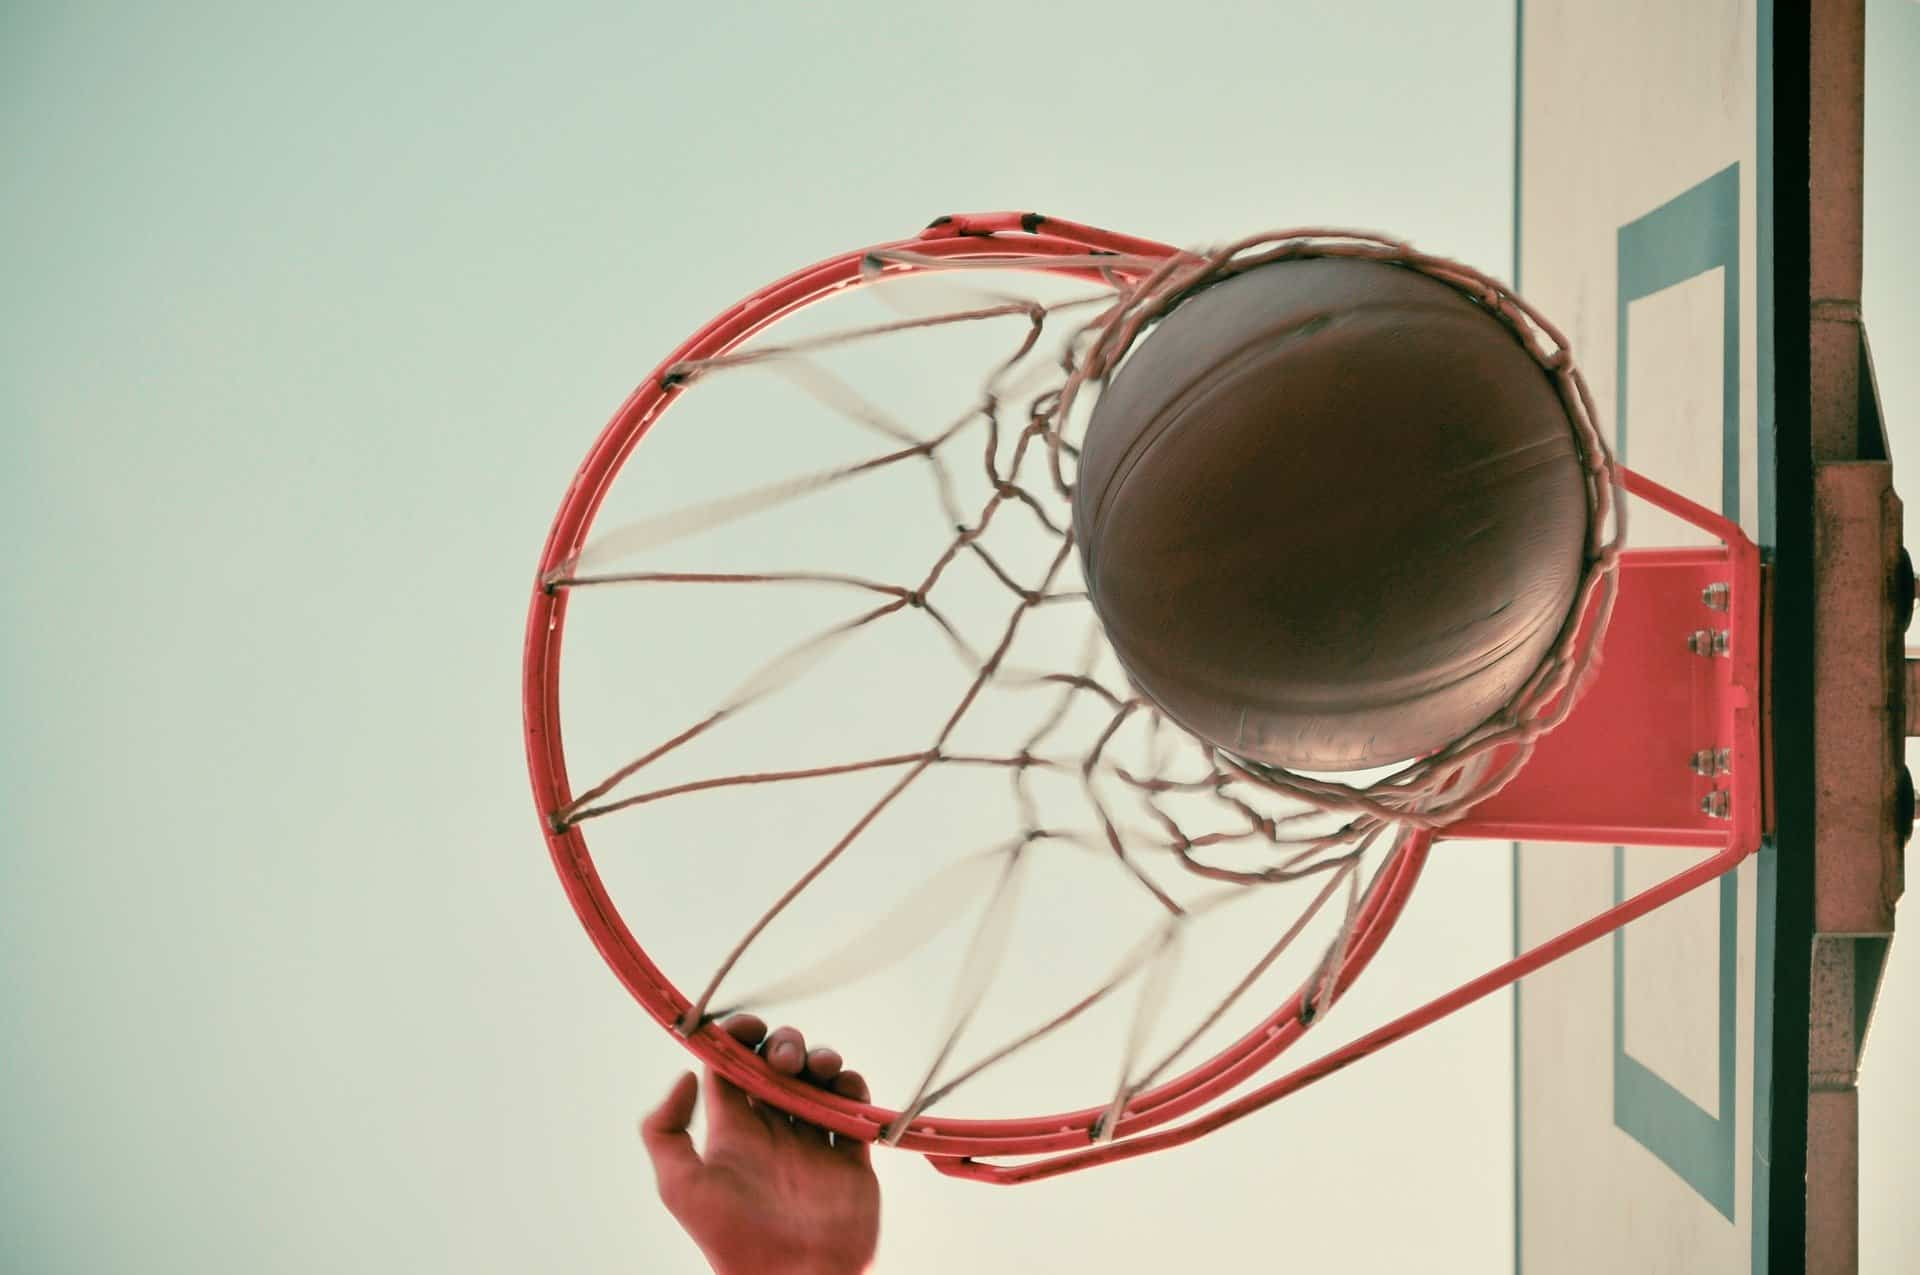 Scoring in basketball